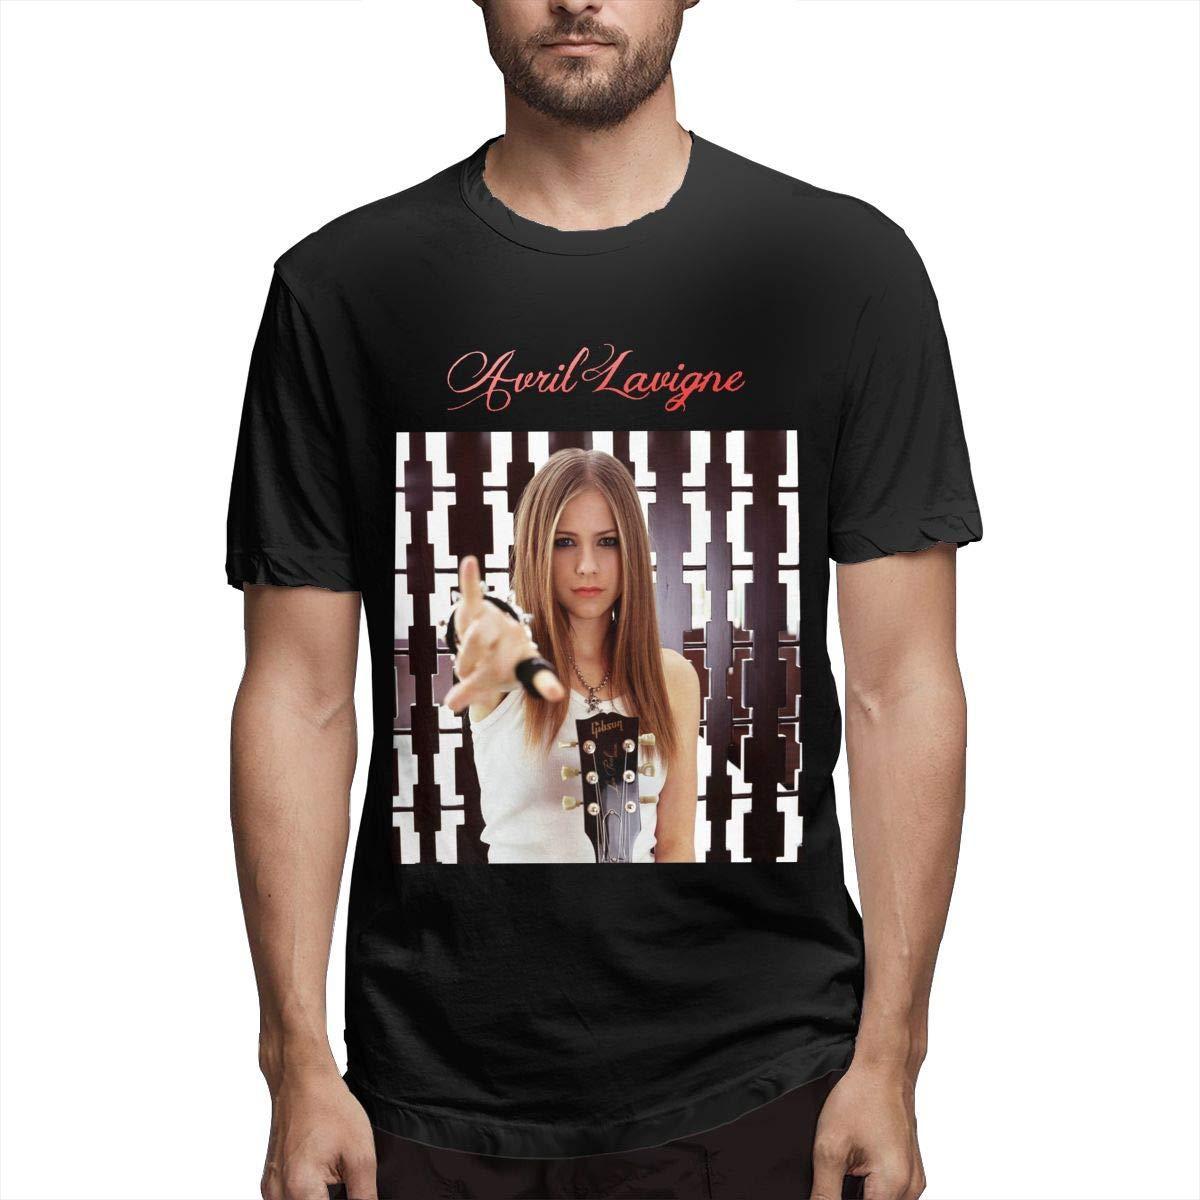 Avril Lavigne Mens.Menthe Nuovo Tee T-shirt stampata estate casuale Top Tee divertente raffreddano la maglietta degli uomini di alta qualità T-Plus Size